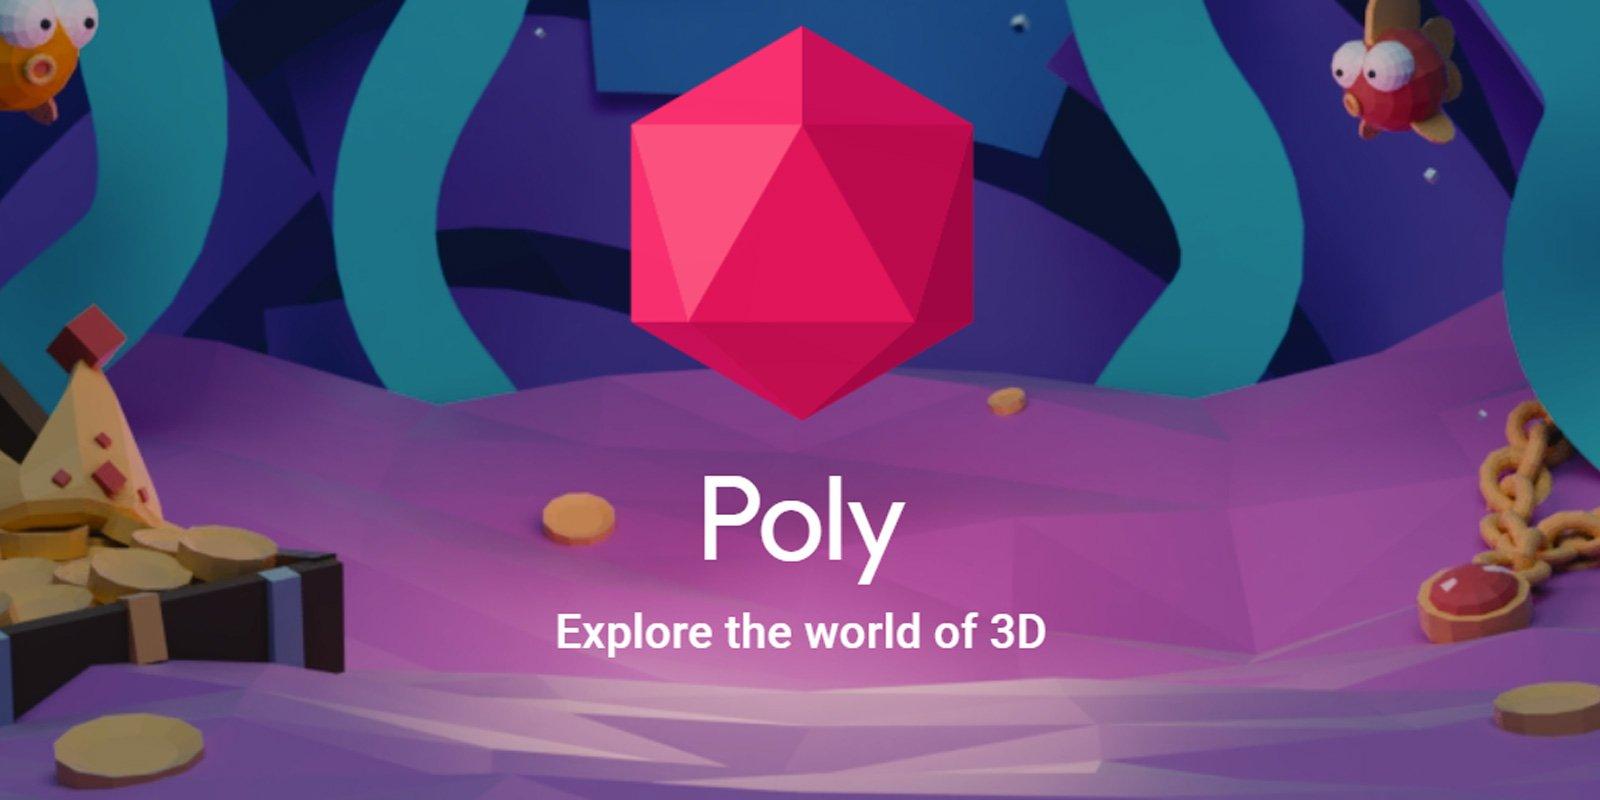 Google está cerrando el sitio de modelos 3D Poly para centrarse en las experiencias de RA